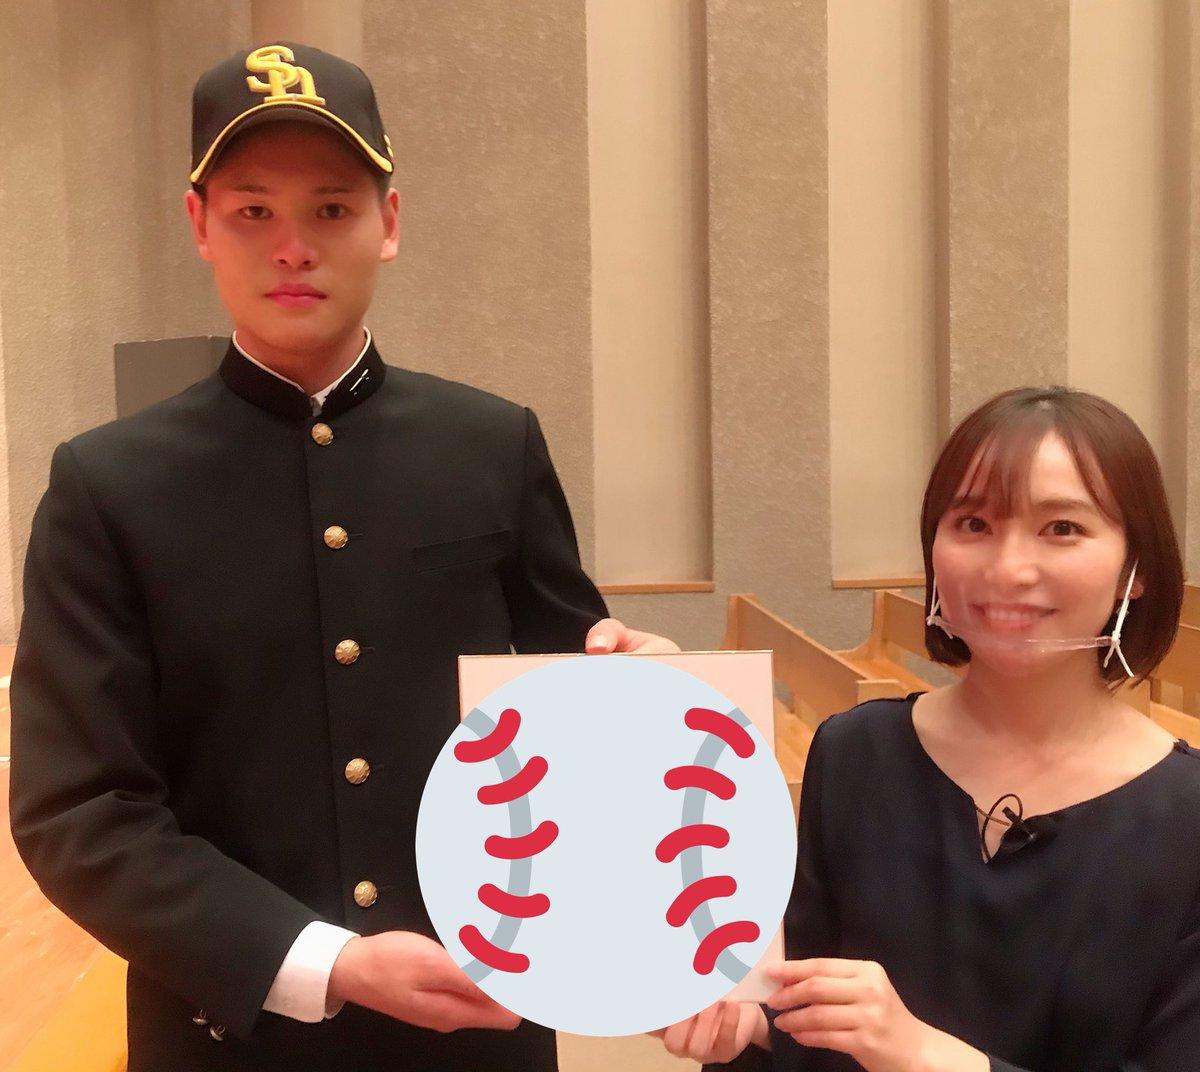 横浜 商業 高校 制服